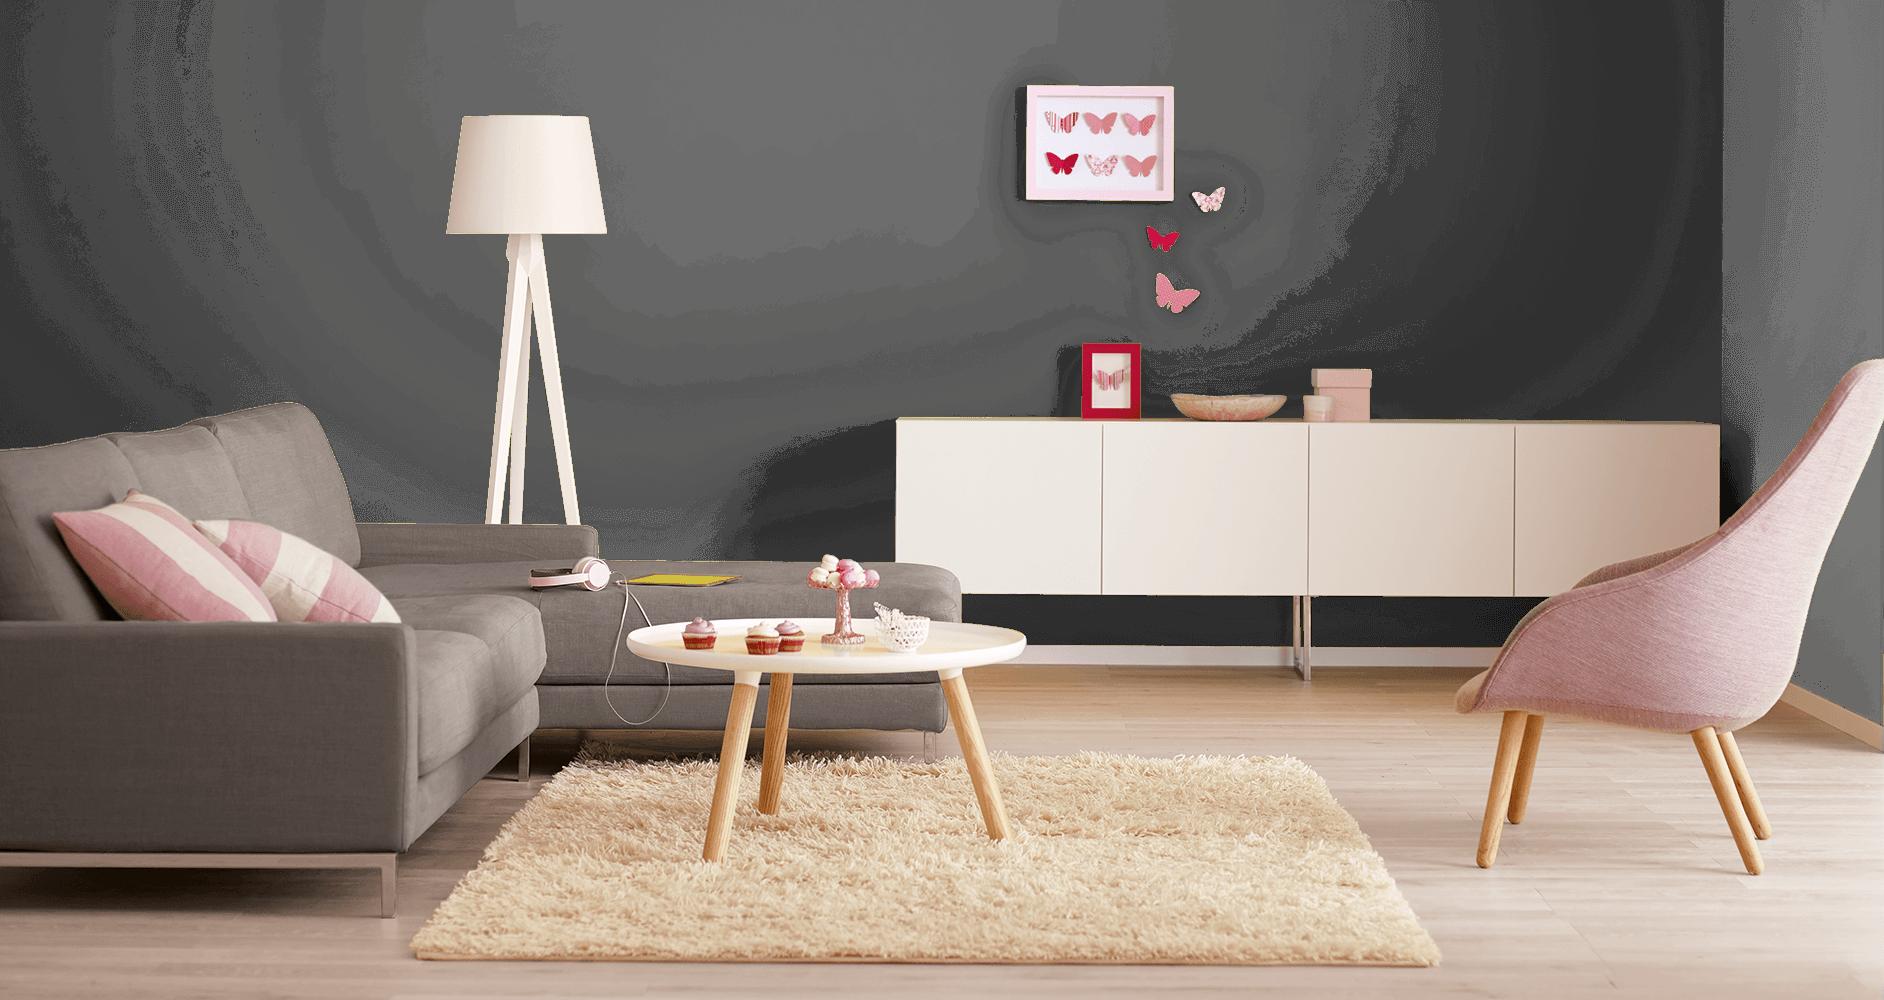 Kreative Farbgestaltung in Räumen: Alpina Farbrezepte und Effektfarben